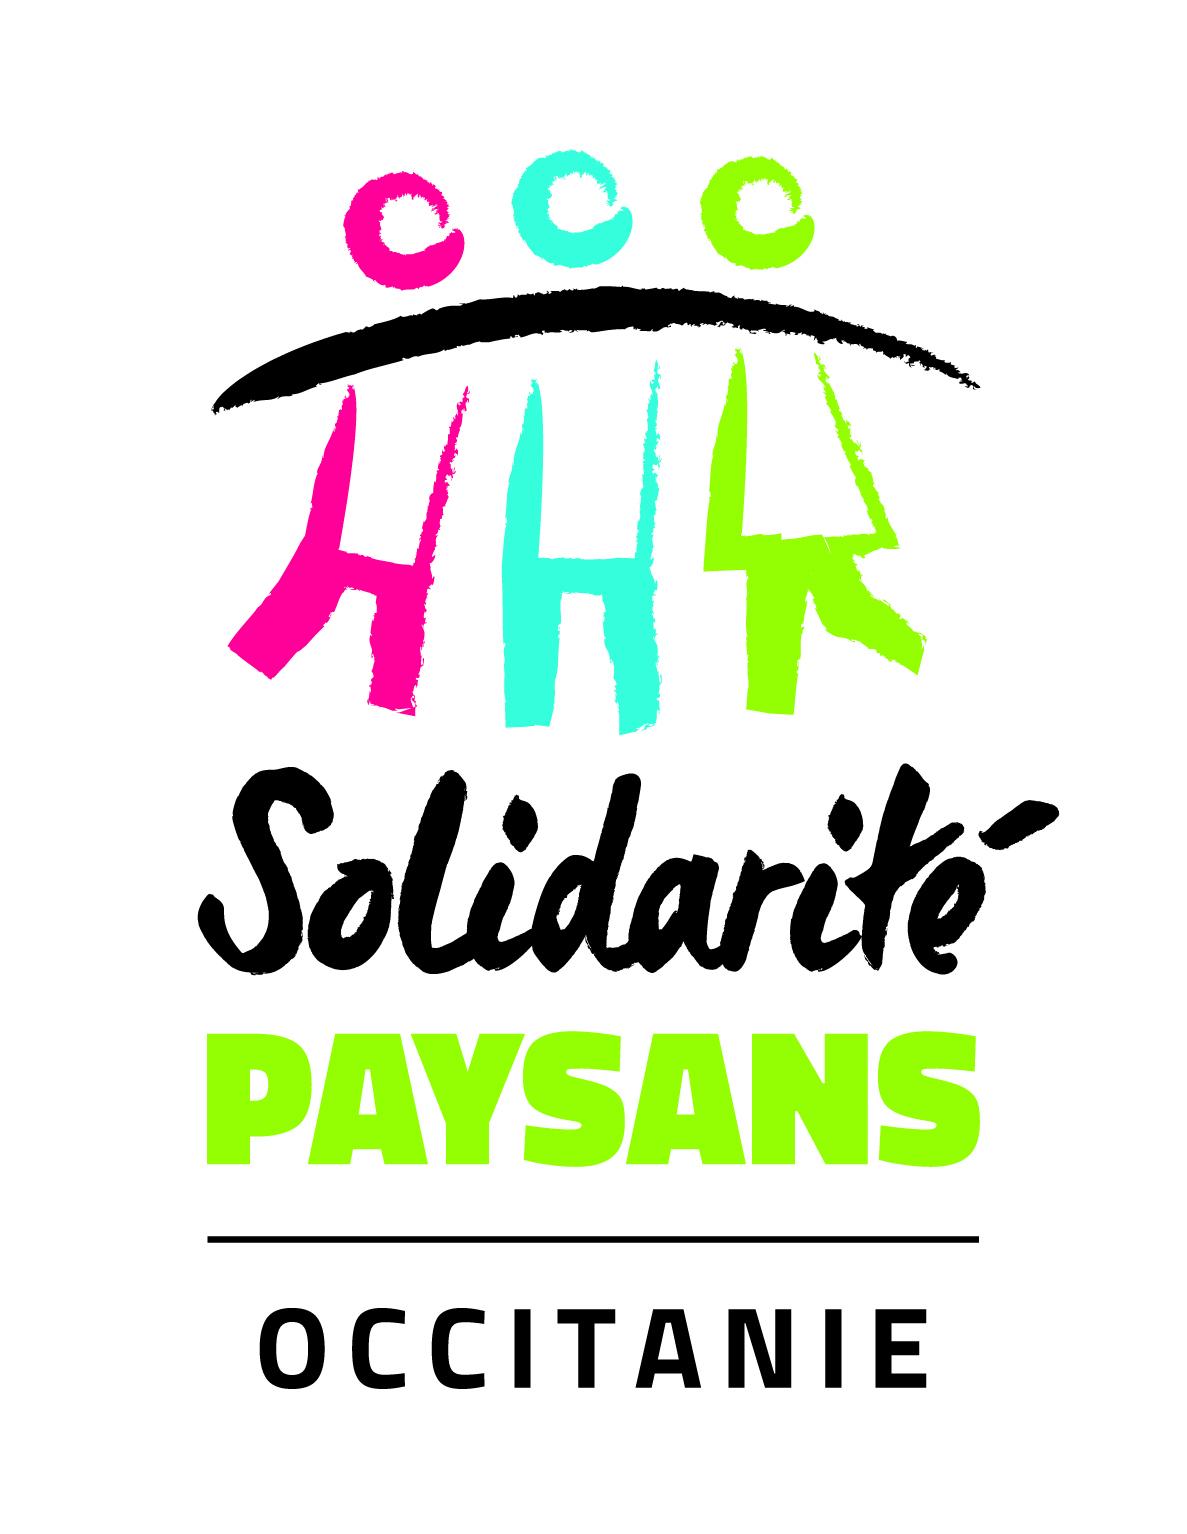 Solidarité Paysans Occitanie